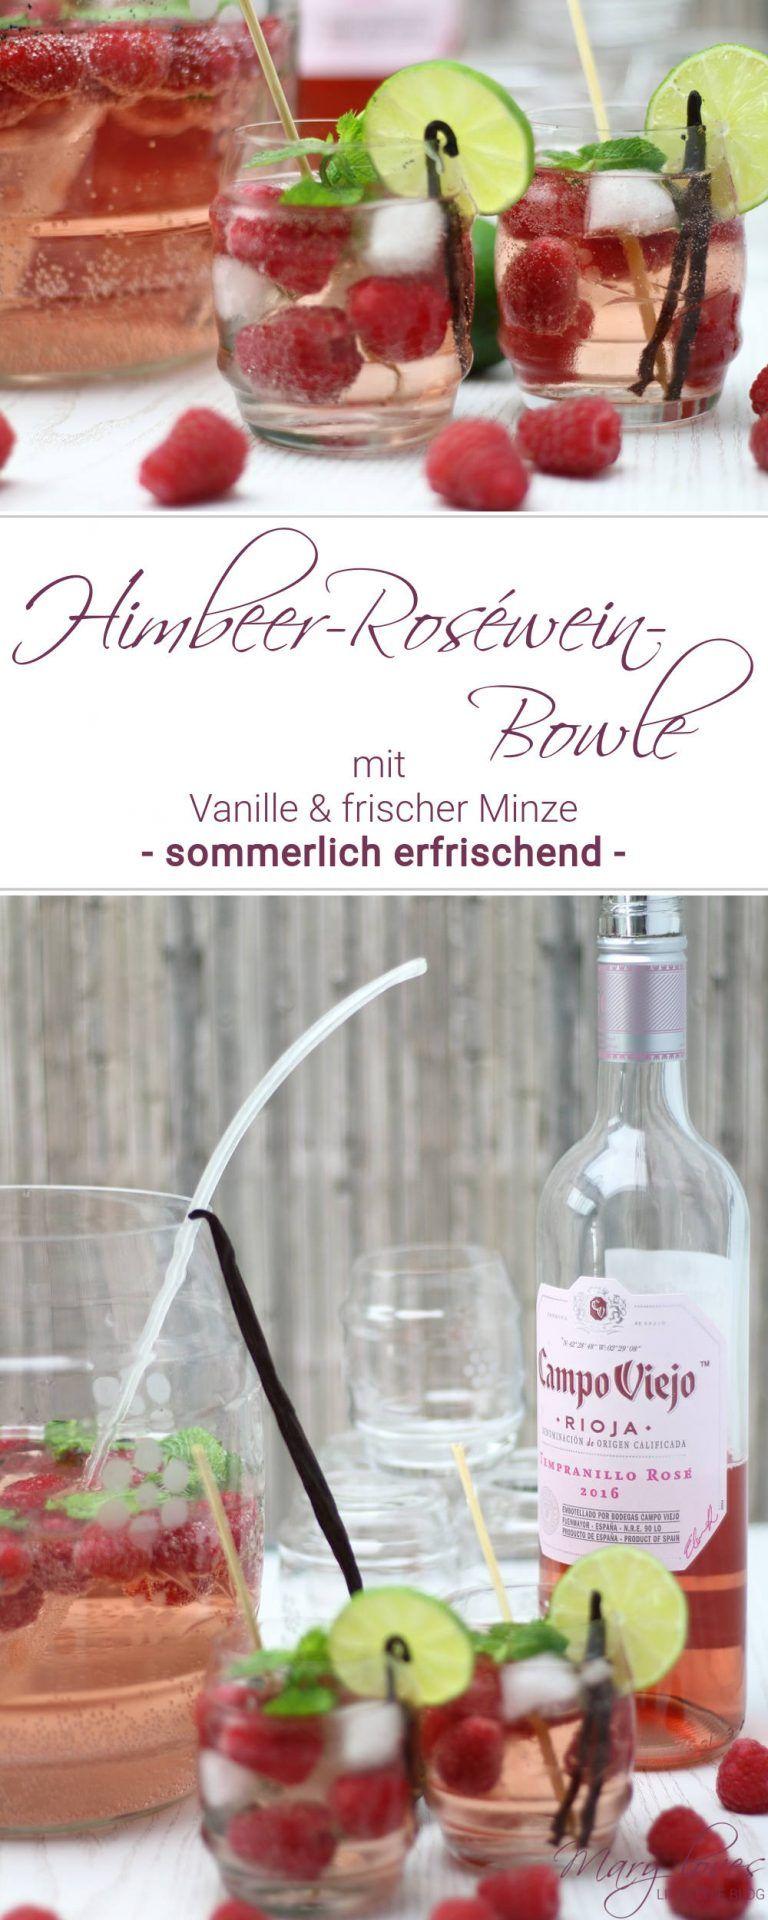 Rioja für Weingenießer: Himbeer-Roséwein-Bowle